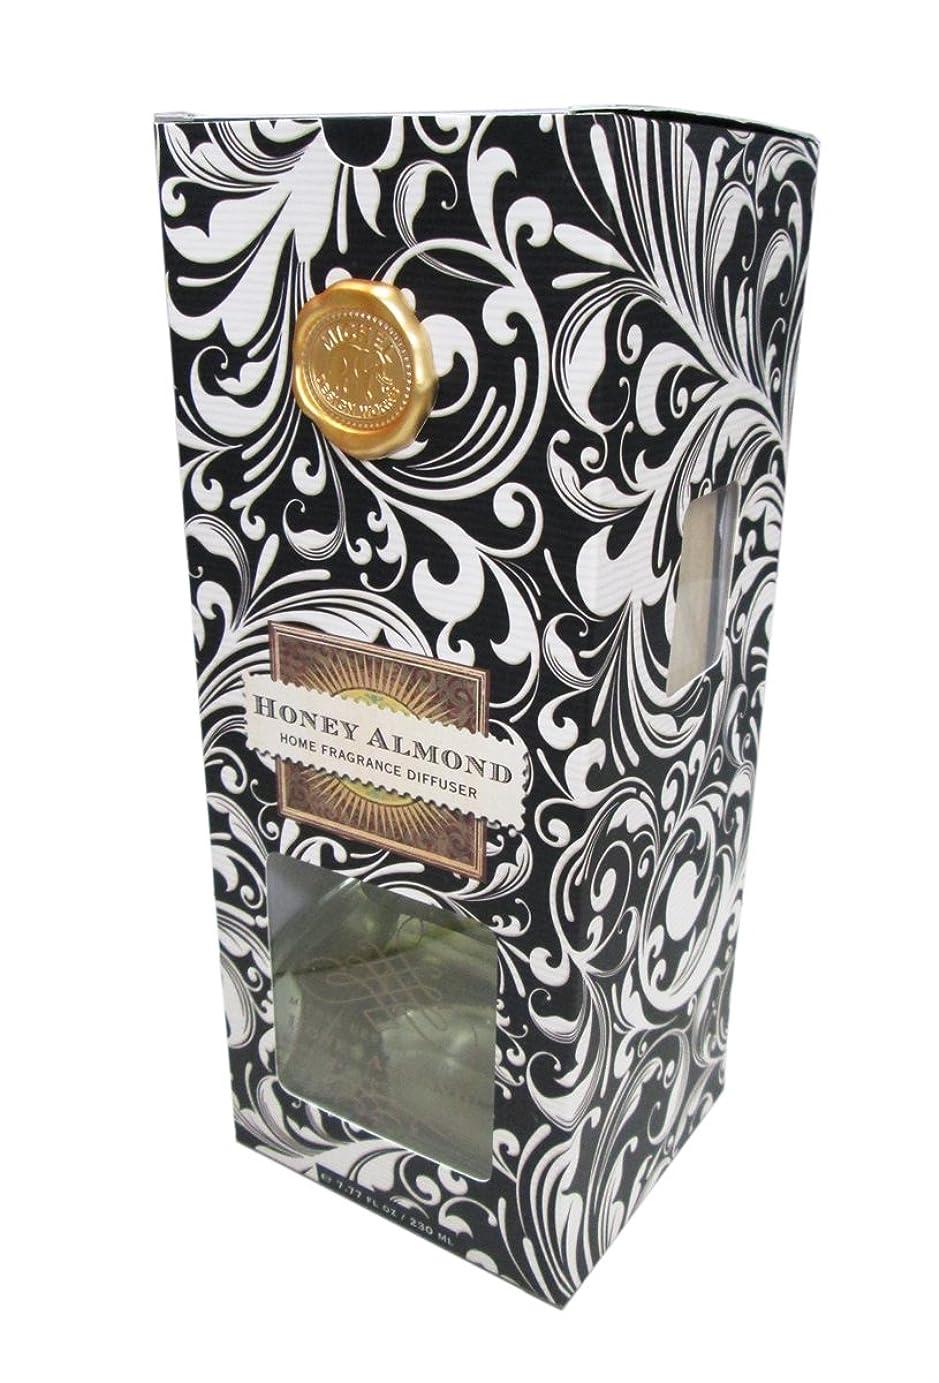 しかしながらソケットケーブルミッシェルデザインワークスルームフレグランスディフューザー【ブラックダマスク】香り:ハニーアーモンド HFD182